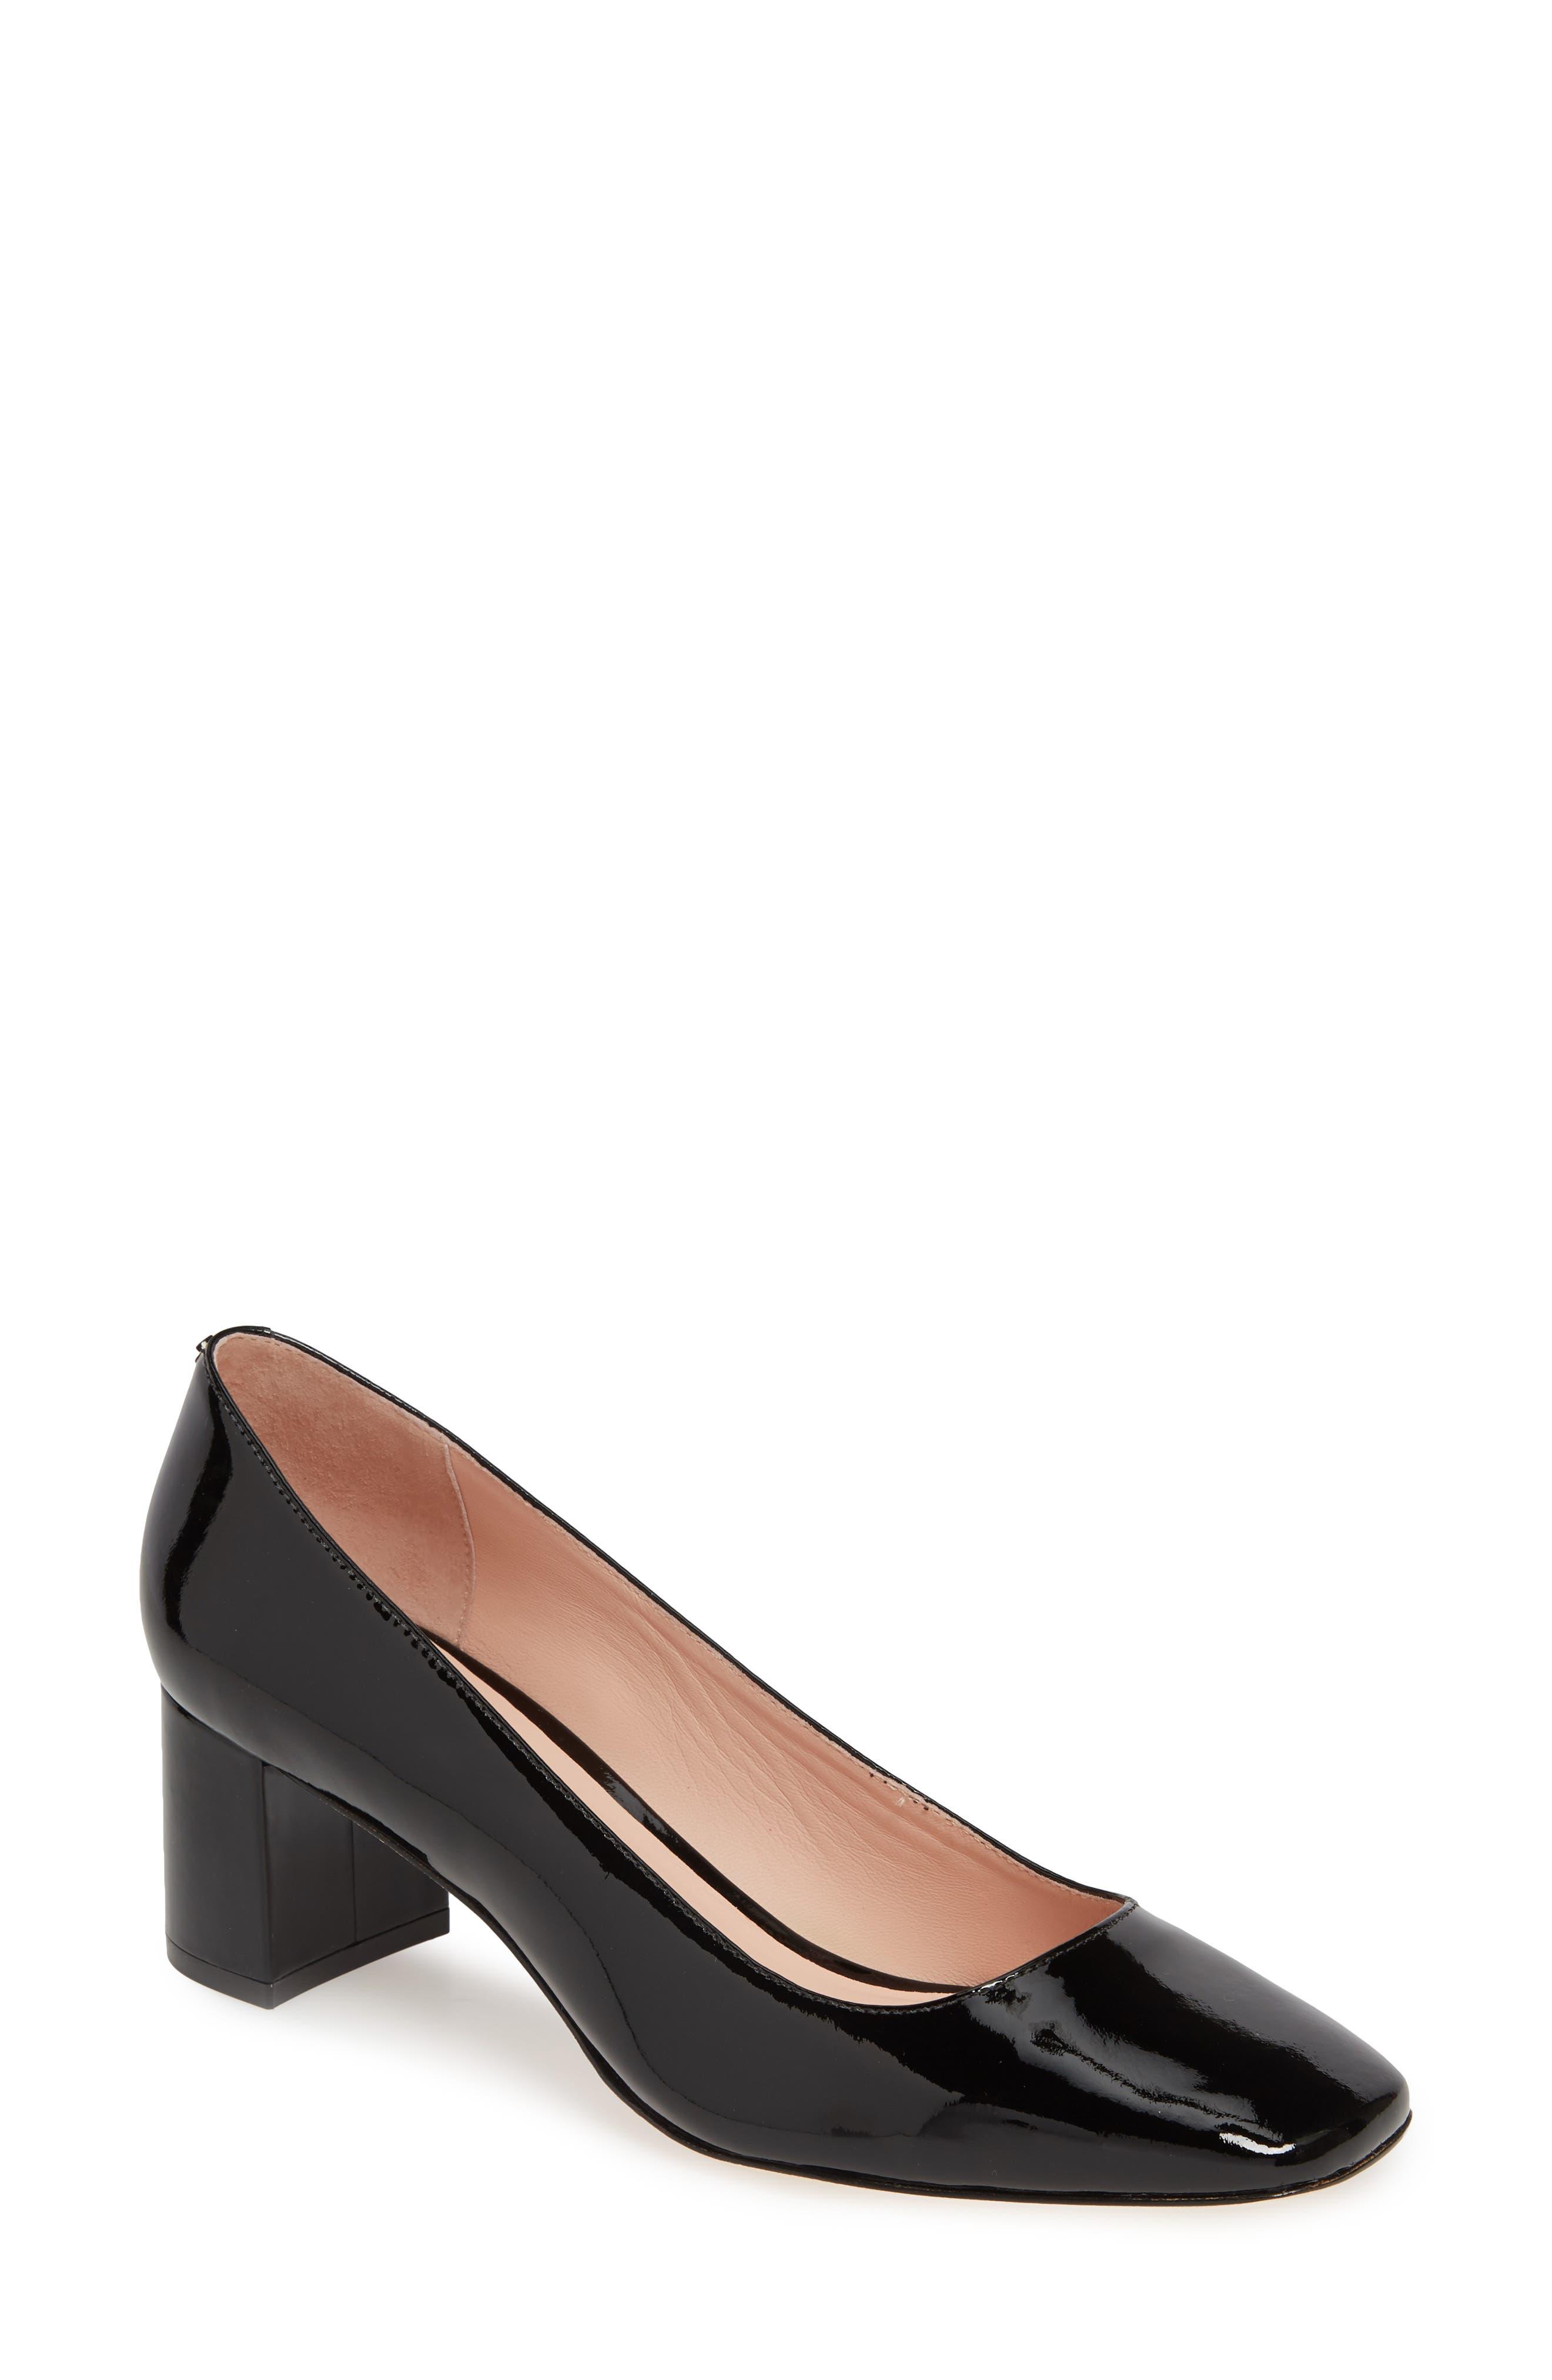 kylah block heel pump, Main, color, BLACK PATENT